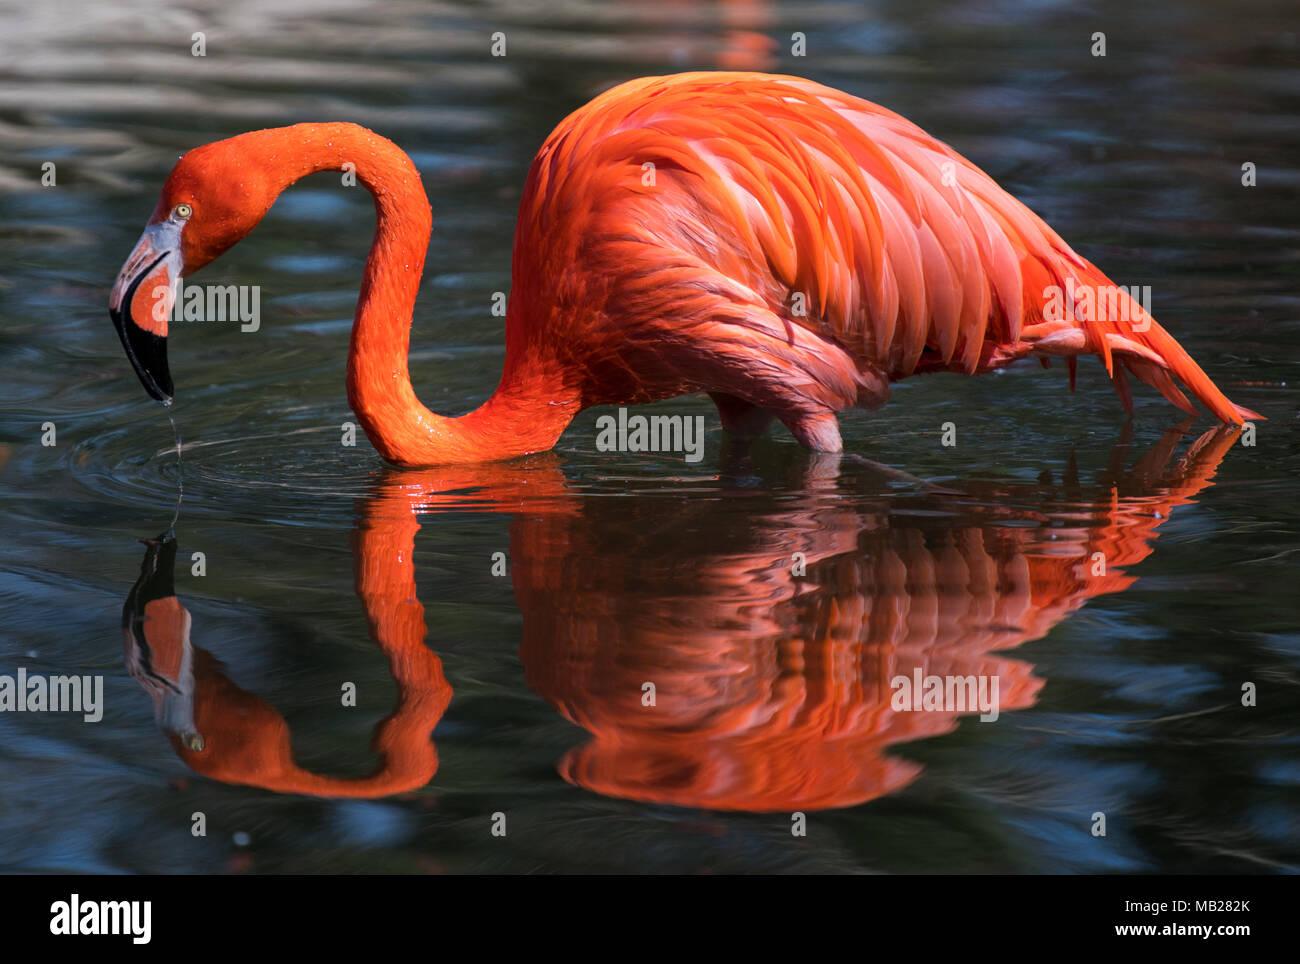 Dpatop - 06 April 2018, Deutschland, Dresden: Ein roter Flamingo steht innerhalb der Teich in seinem Gehäuse an der Dresdner Zoo. Foto: Monika Skolimowska/dpa-Zentralbild/dpa Stockbild